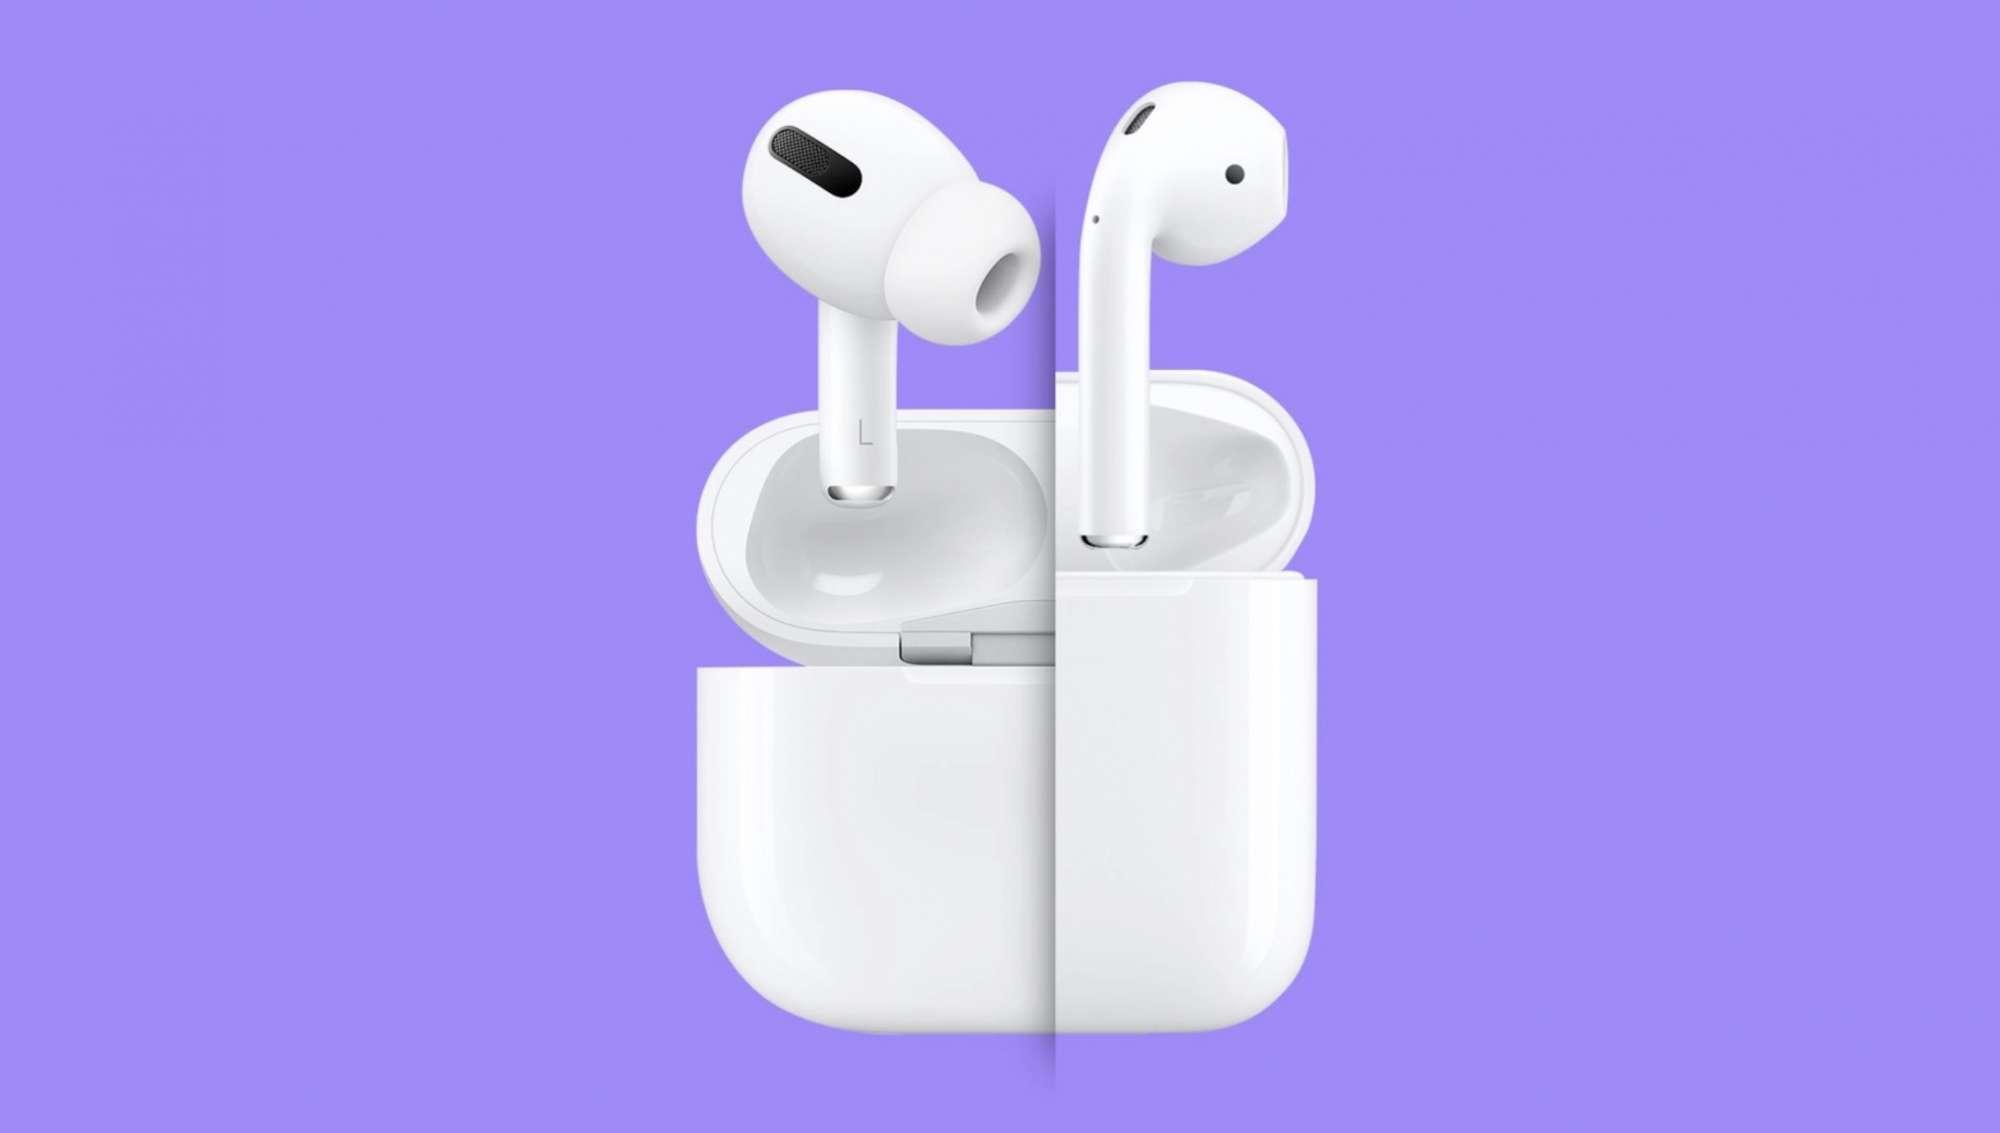 苹果或将于今年发布 AirPods 3,明年发布 AirPods Pro 2